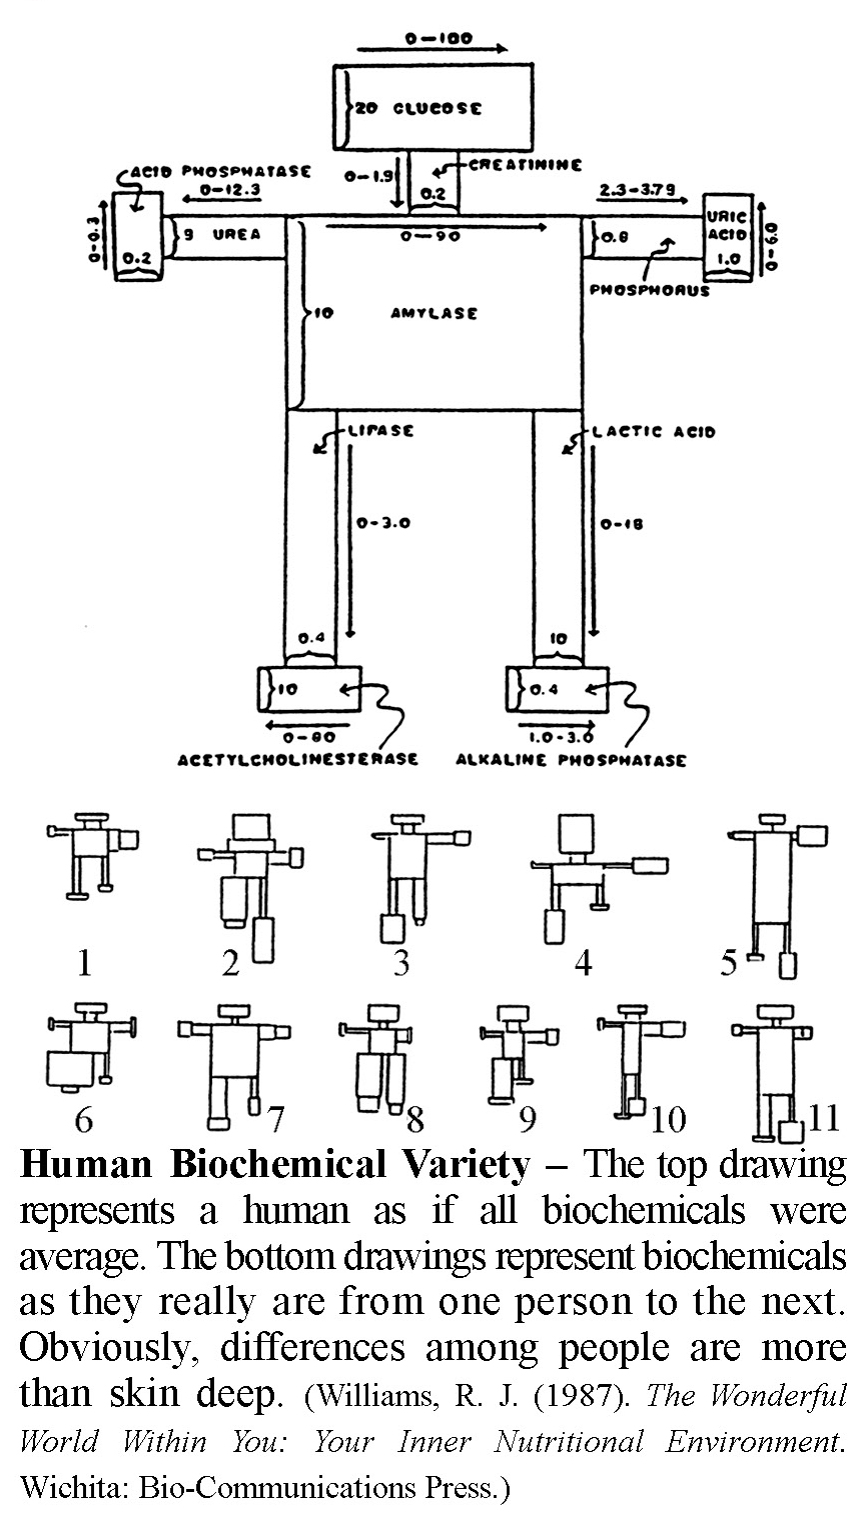 Human Biomedical Variety